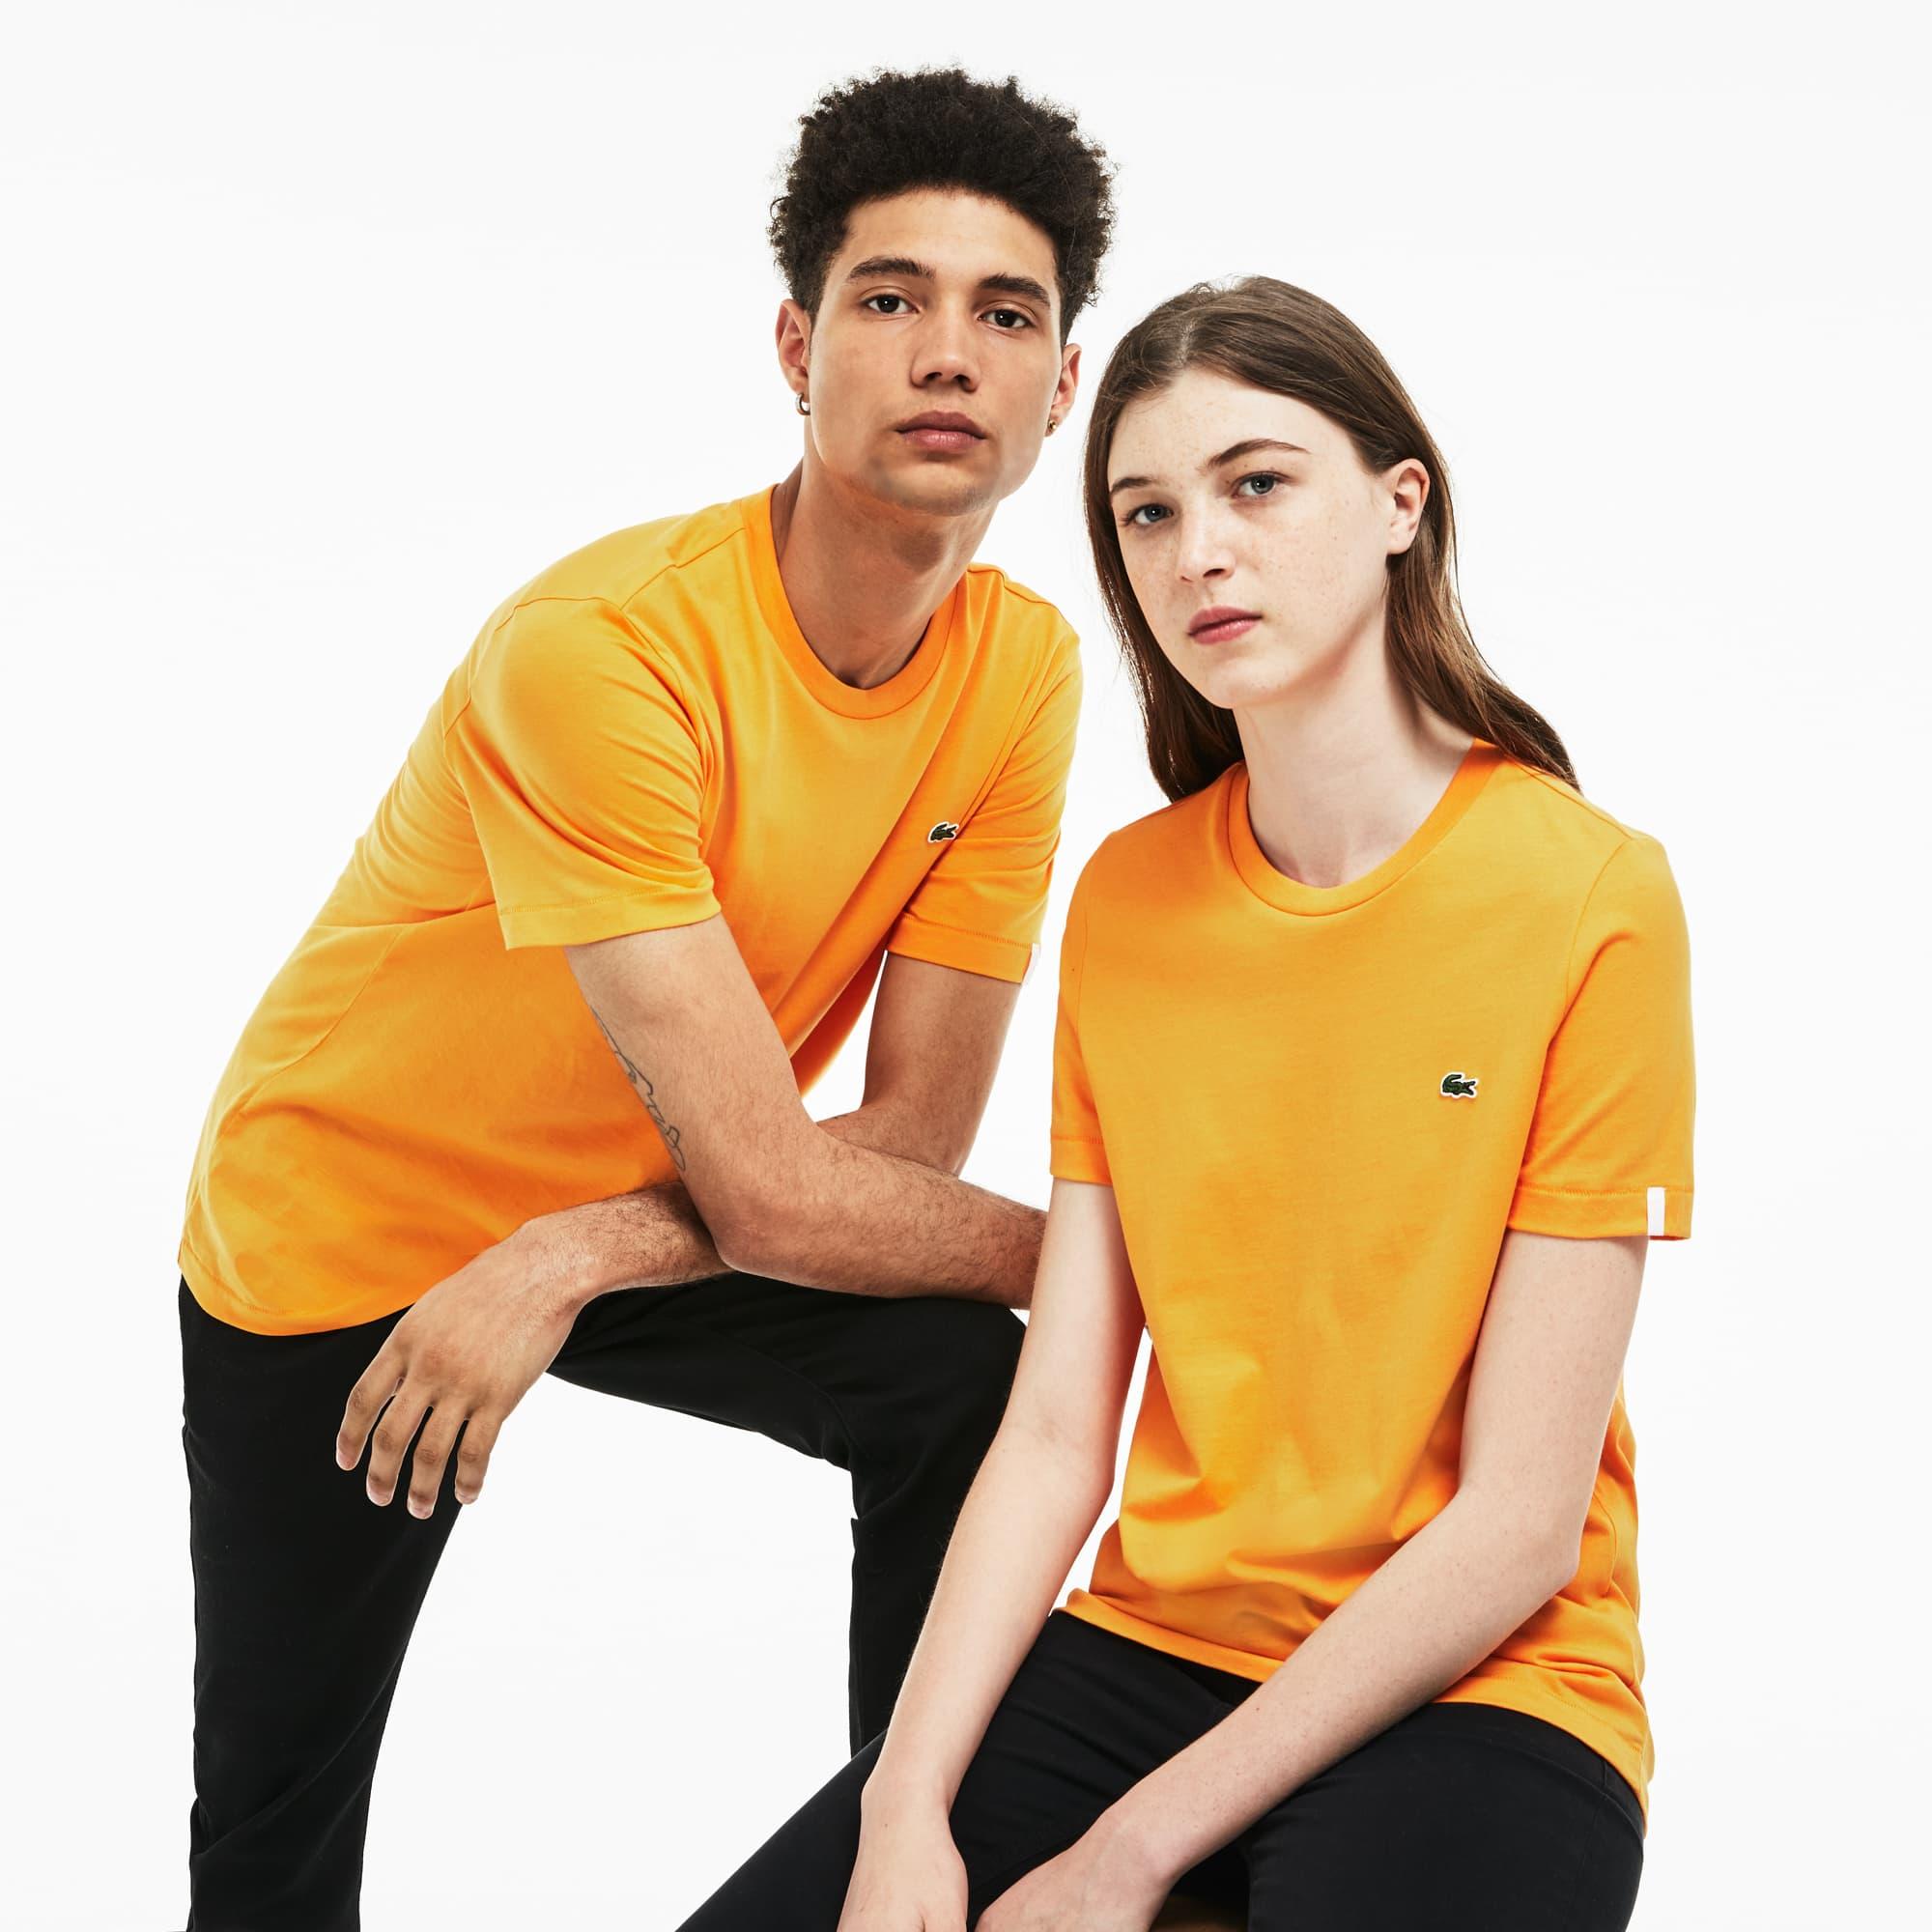 Camiseta Lacoste LIVE Unissex em Jérsei de Algodão com Gola Redonda